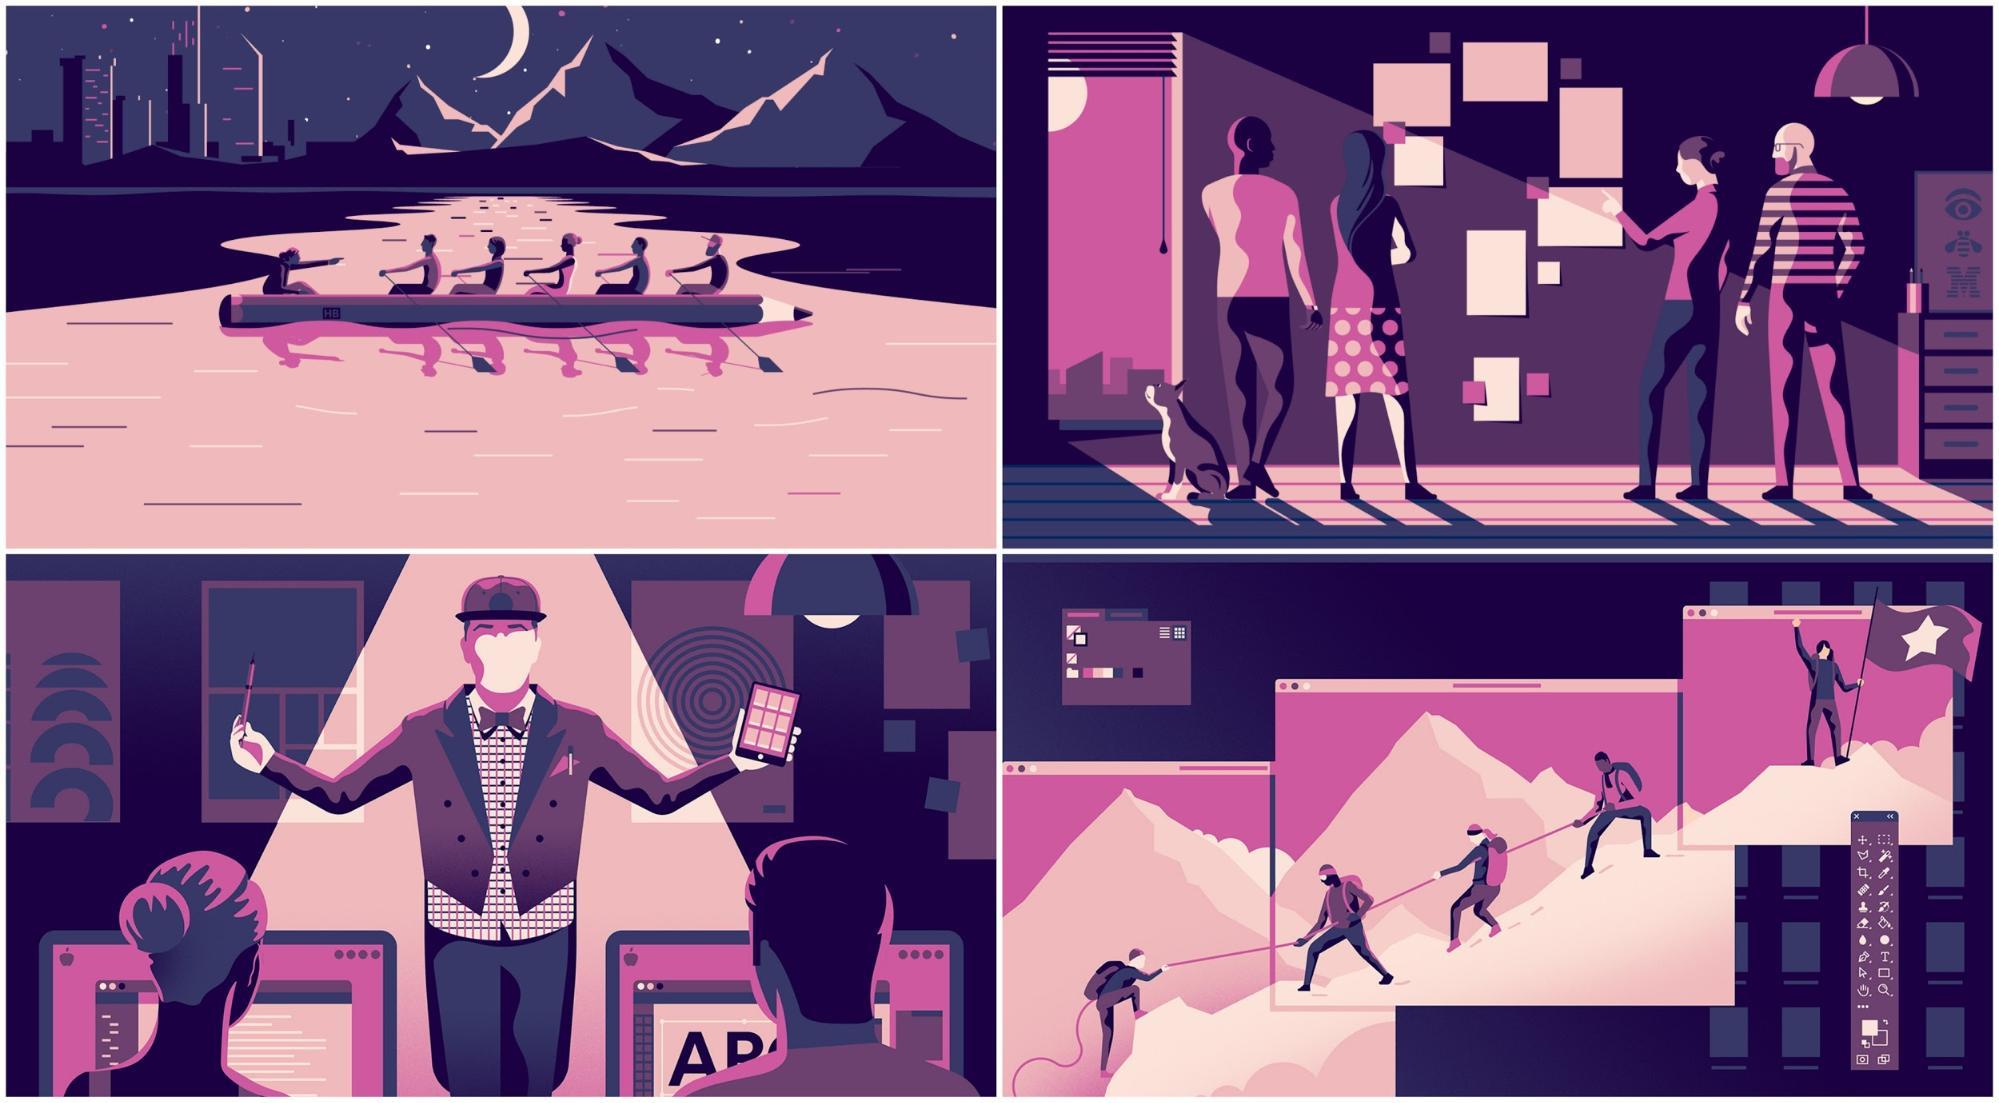 Использование иллюстраций в публикациях для привлечения внимания